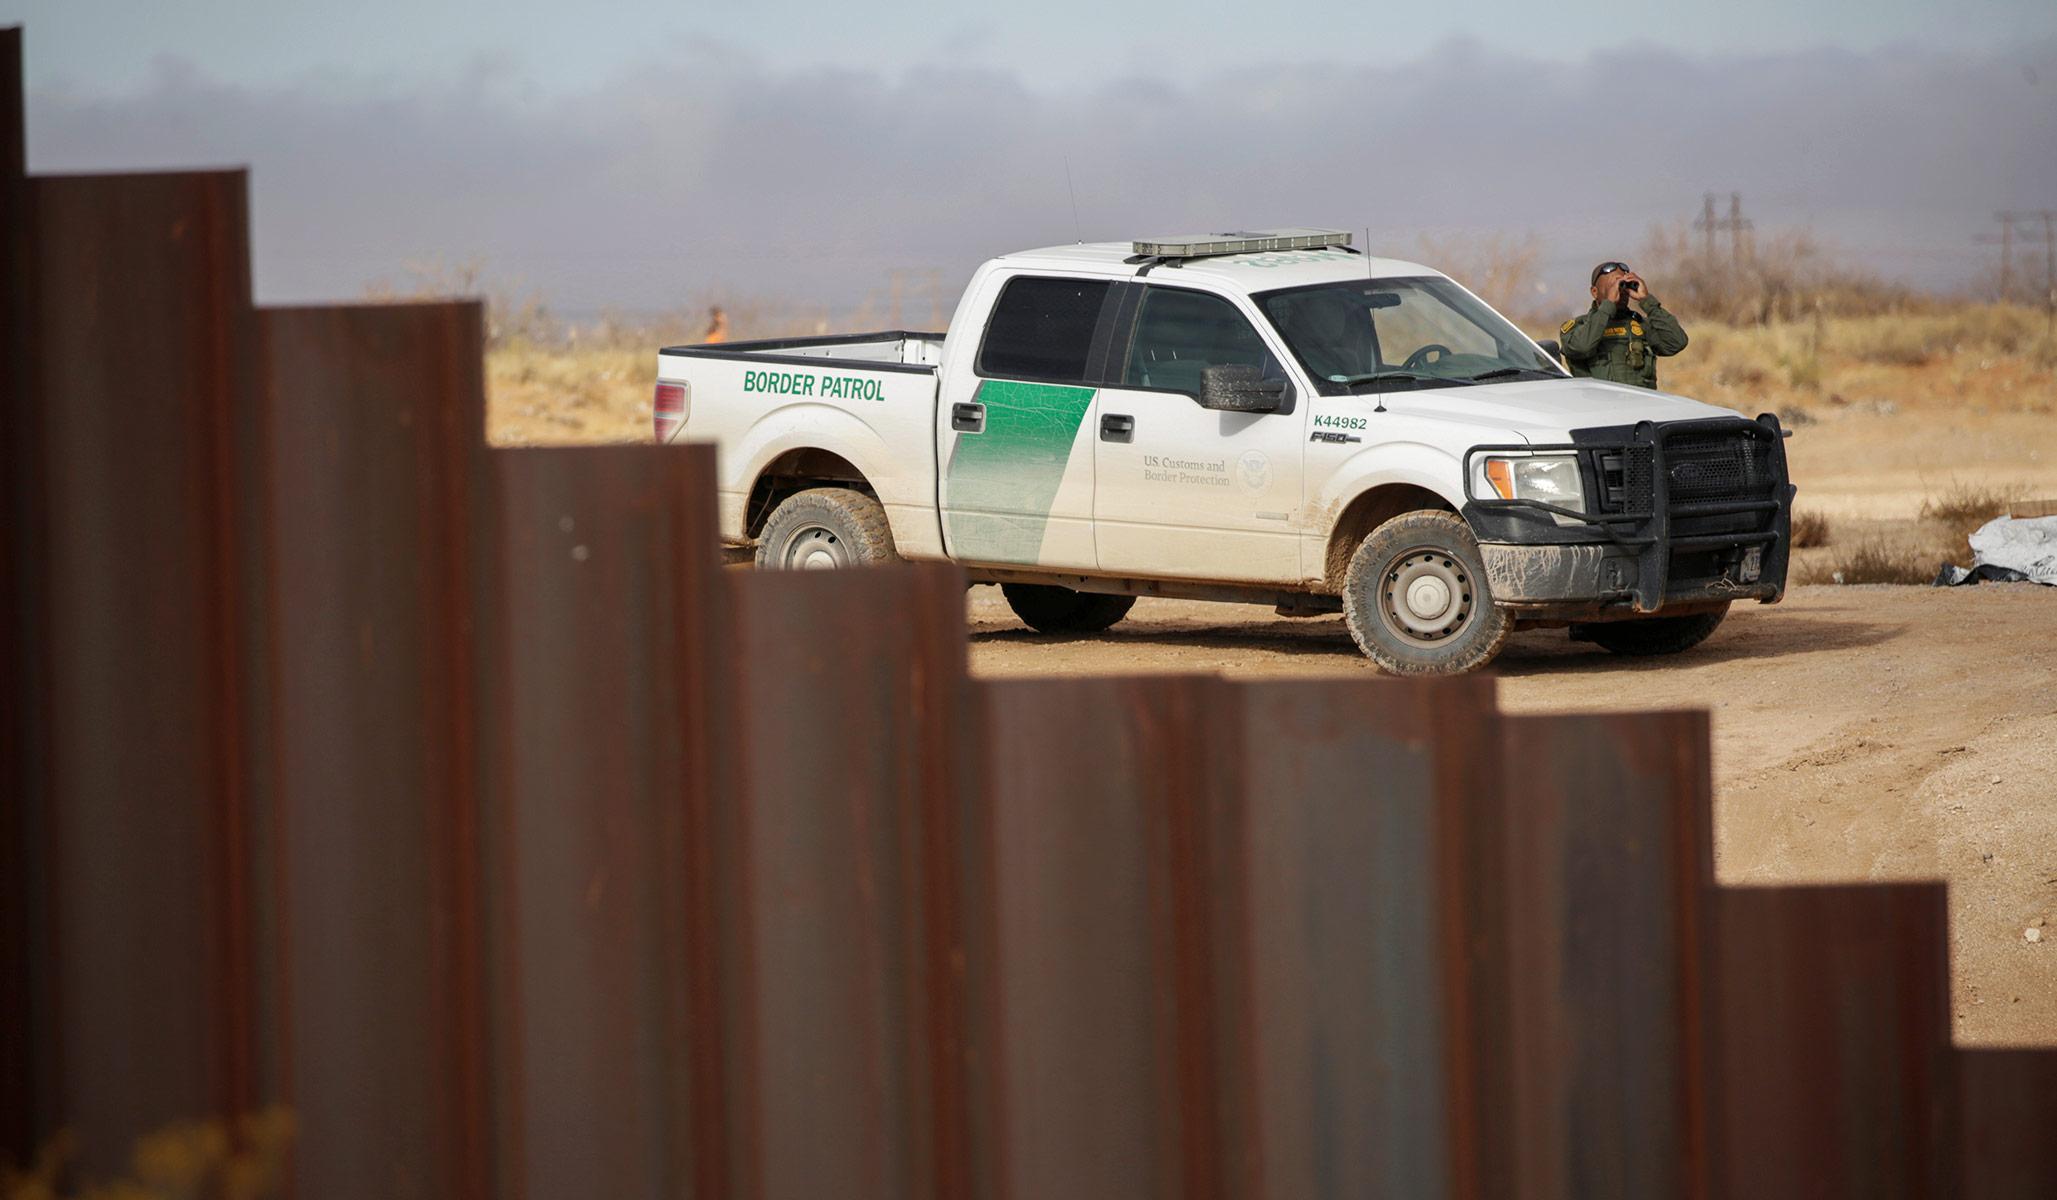 At Least Ten Migrants Die in Fatal Van Crash in Texas